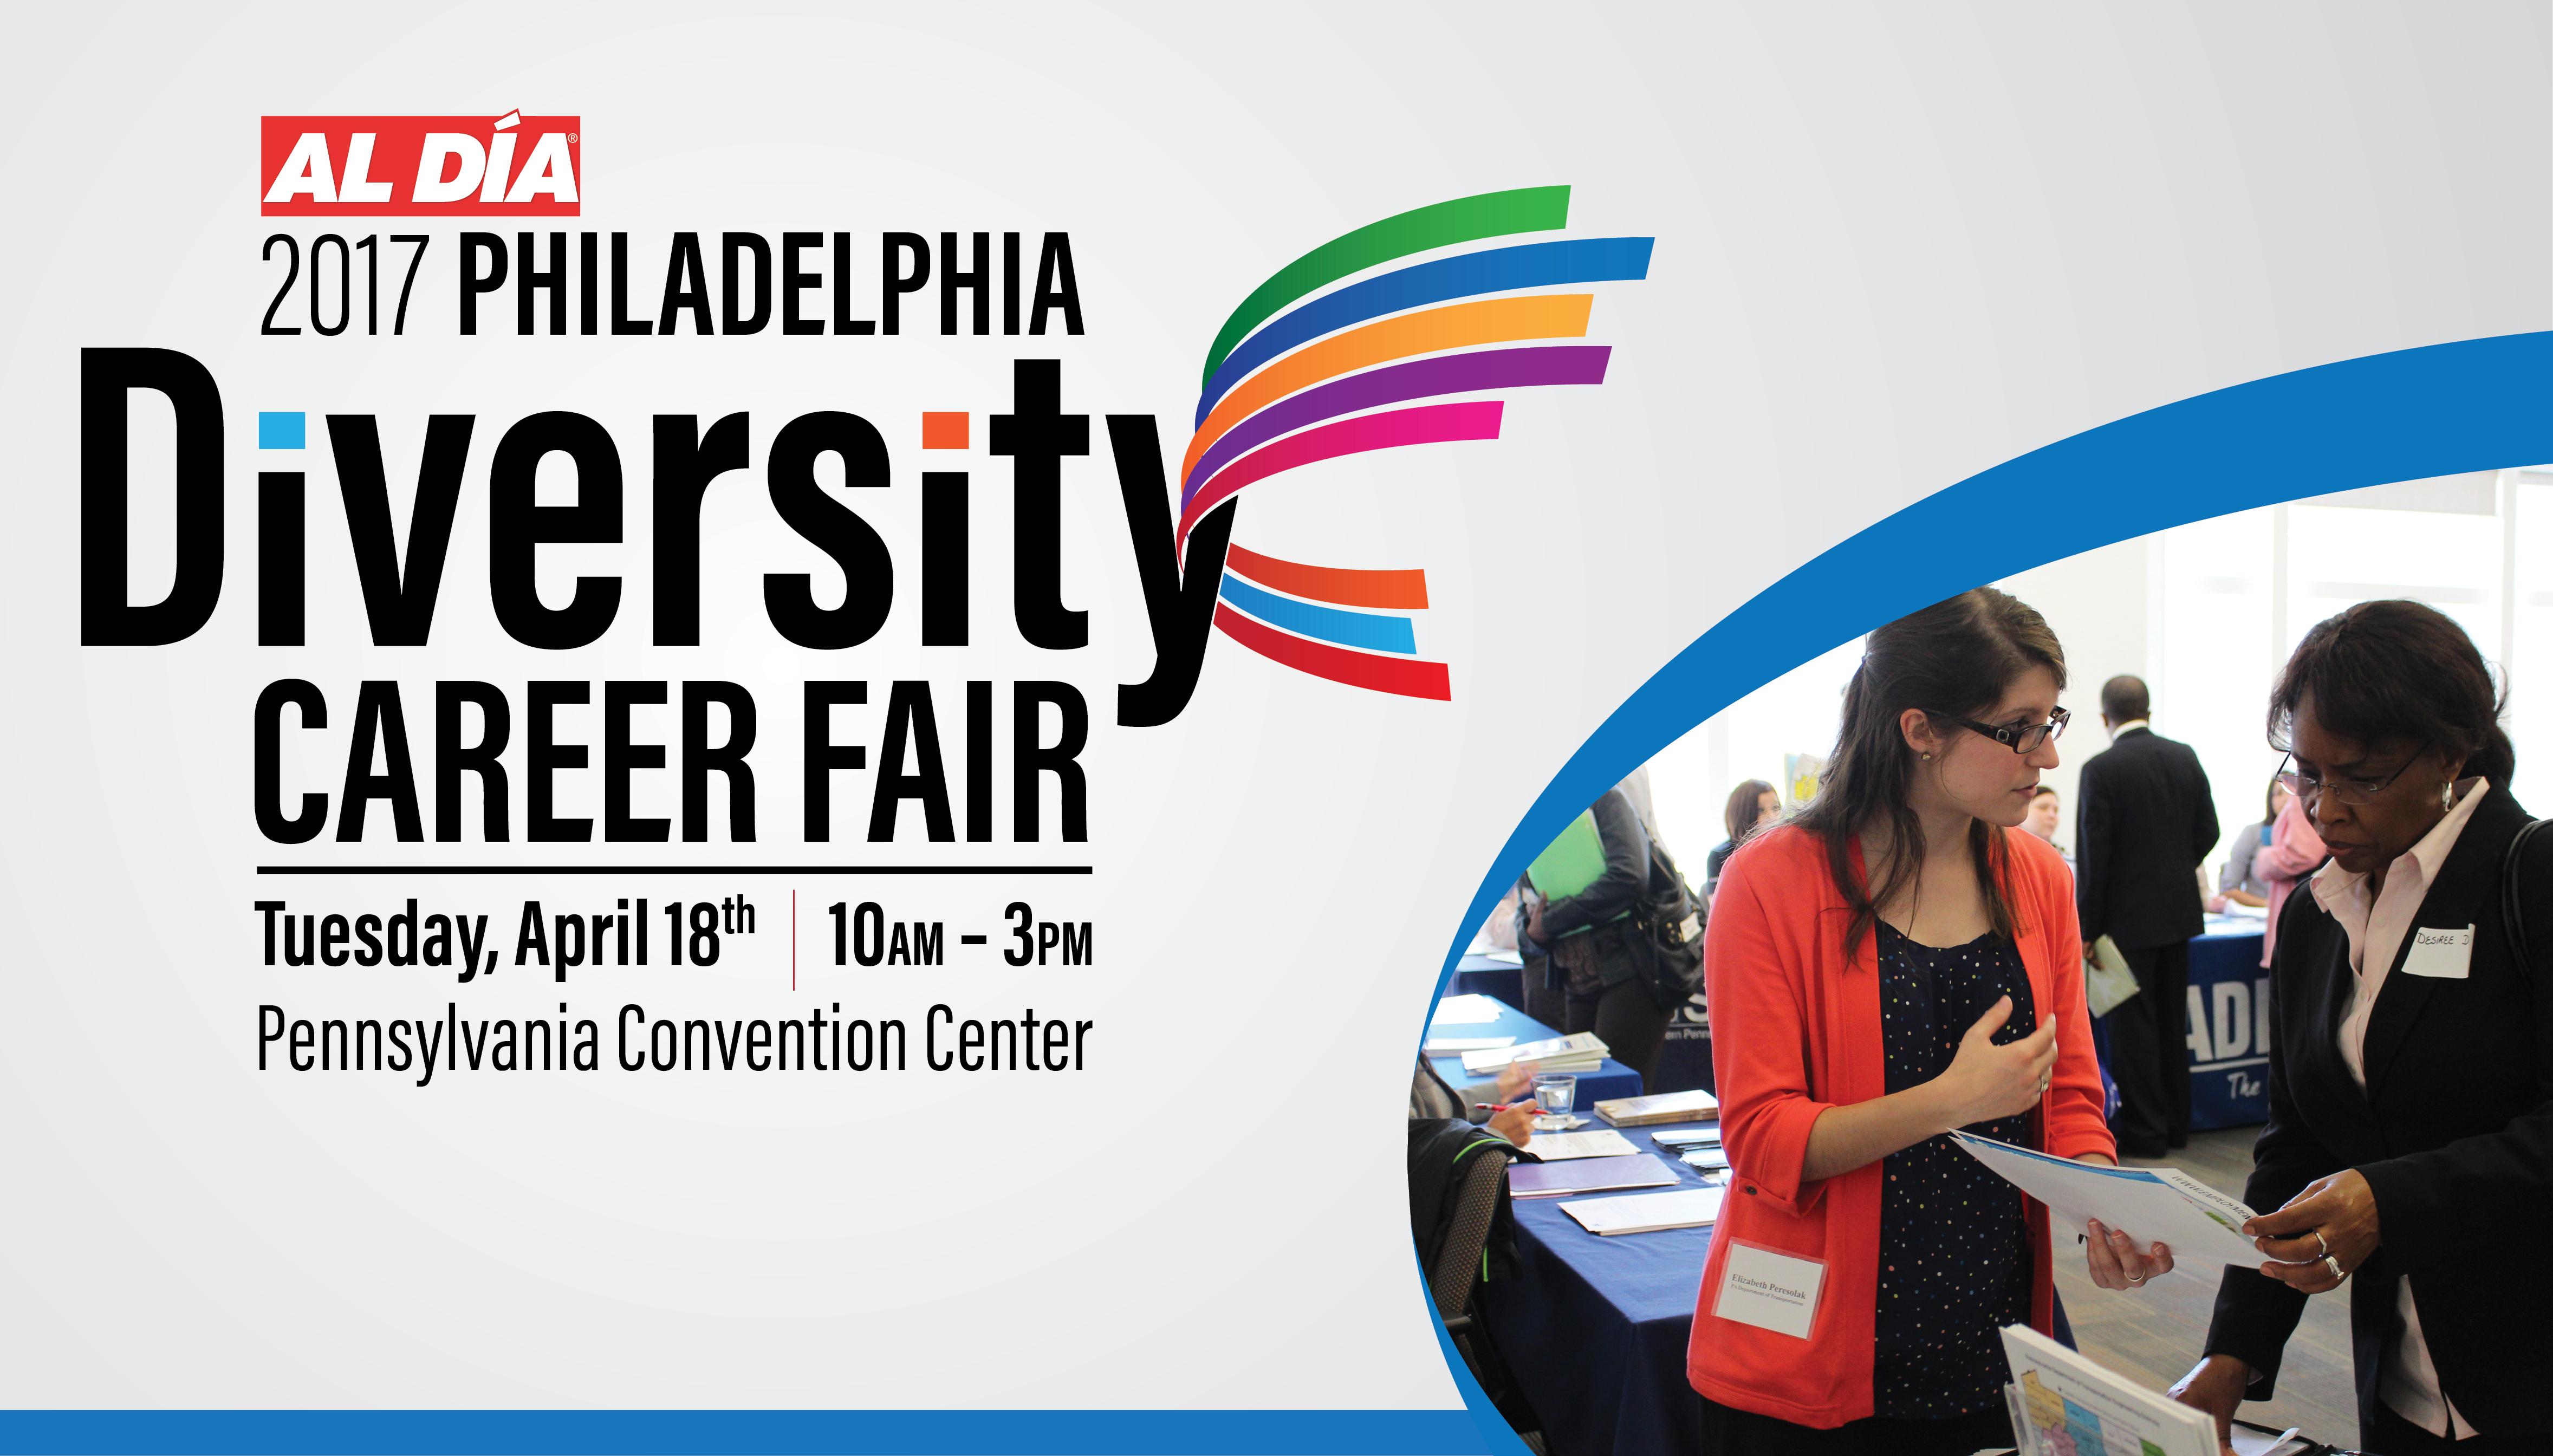 Banner design for job fair - Philadelphia Diversity Career Fair